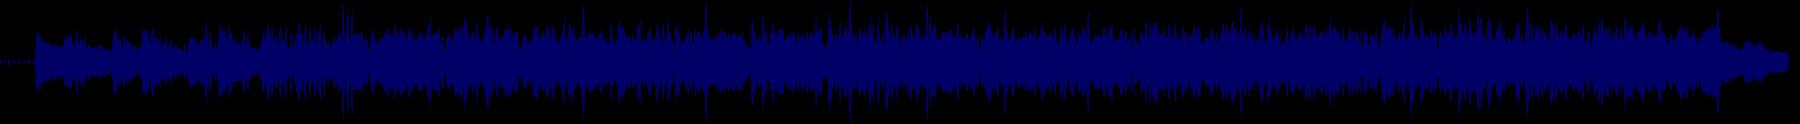 waveform of track #66853